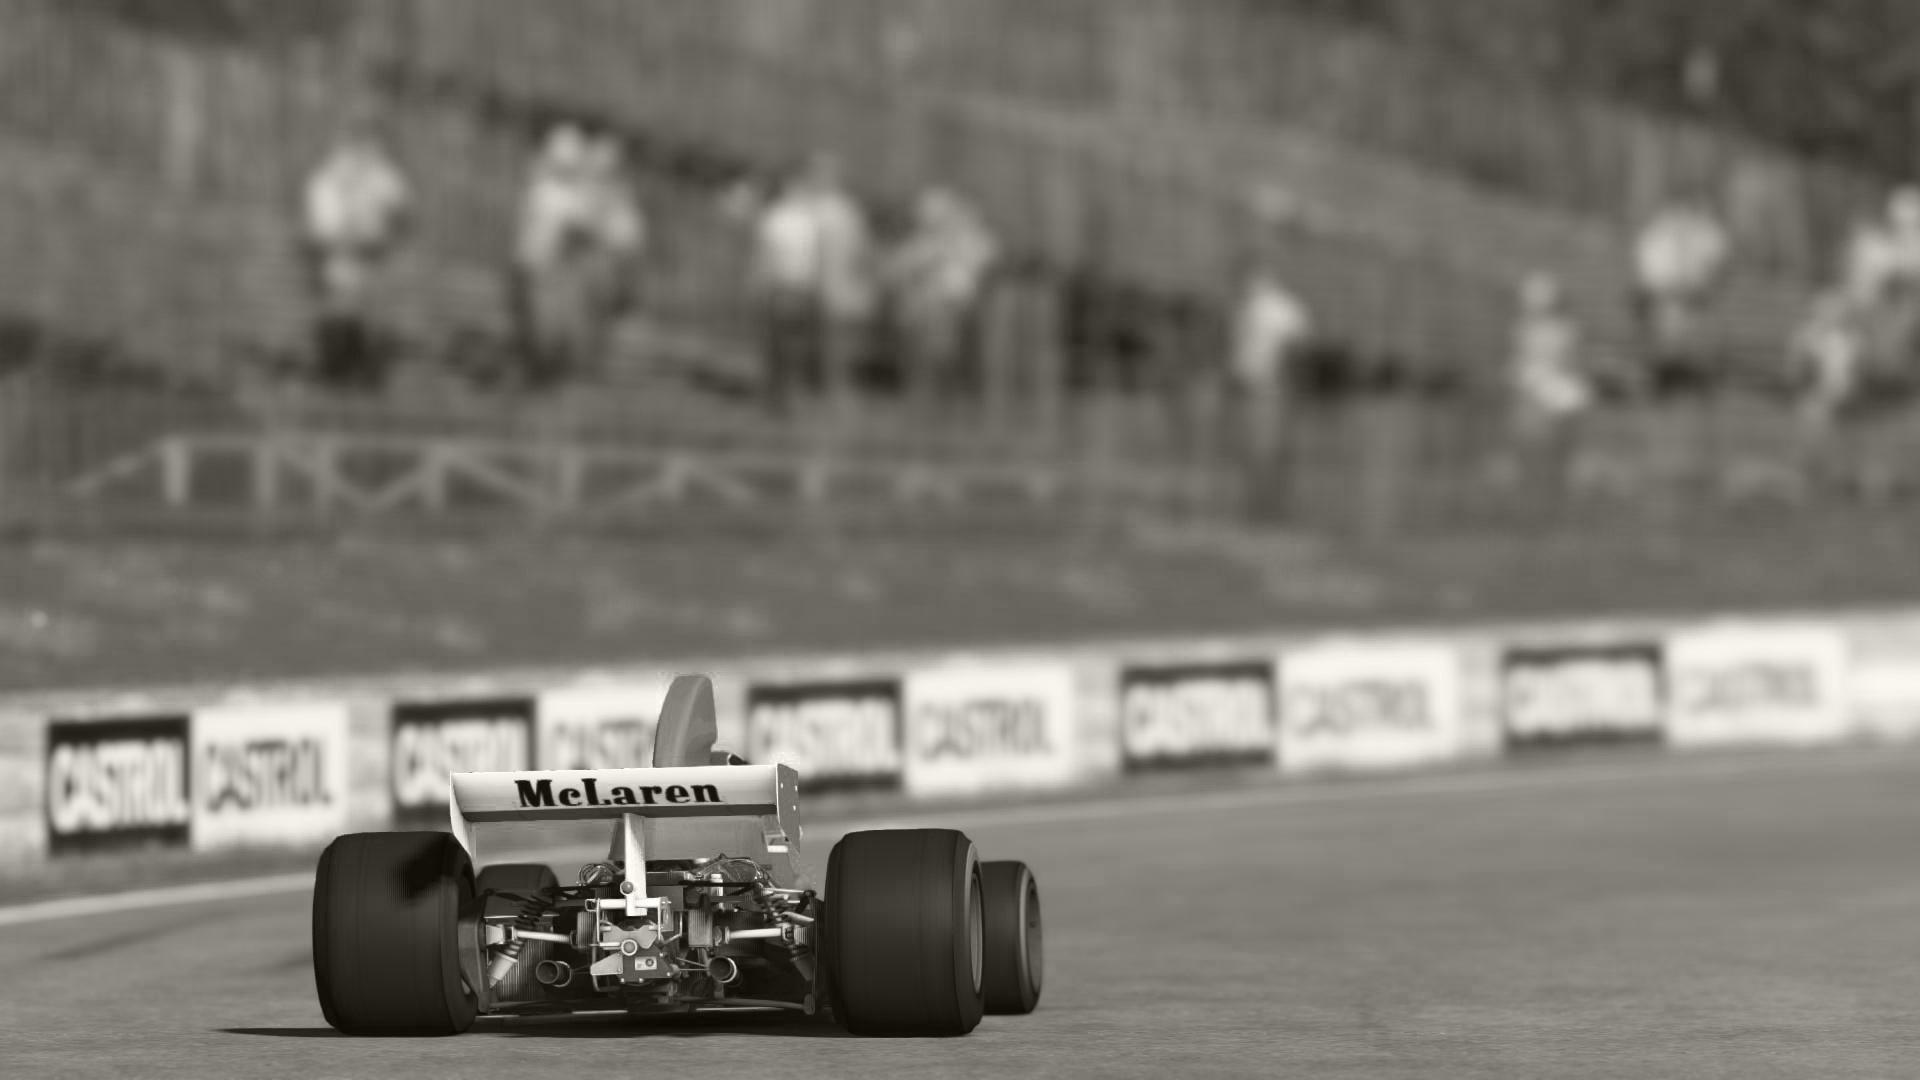 McLaren_04.jpg